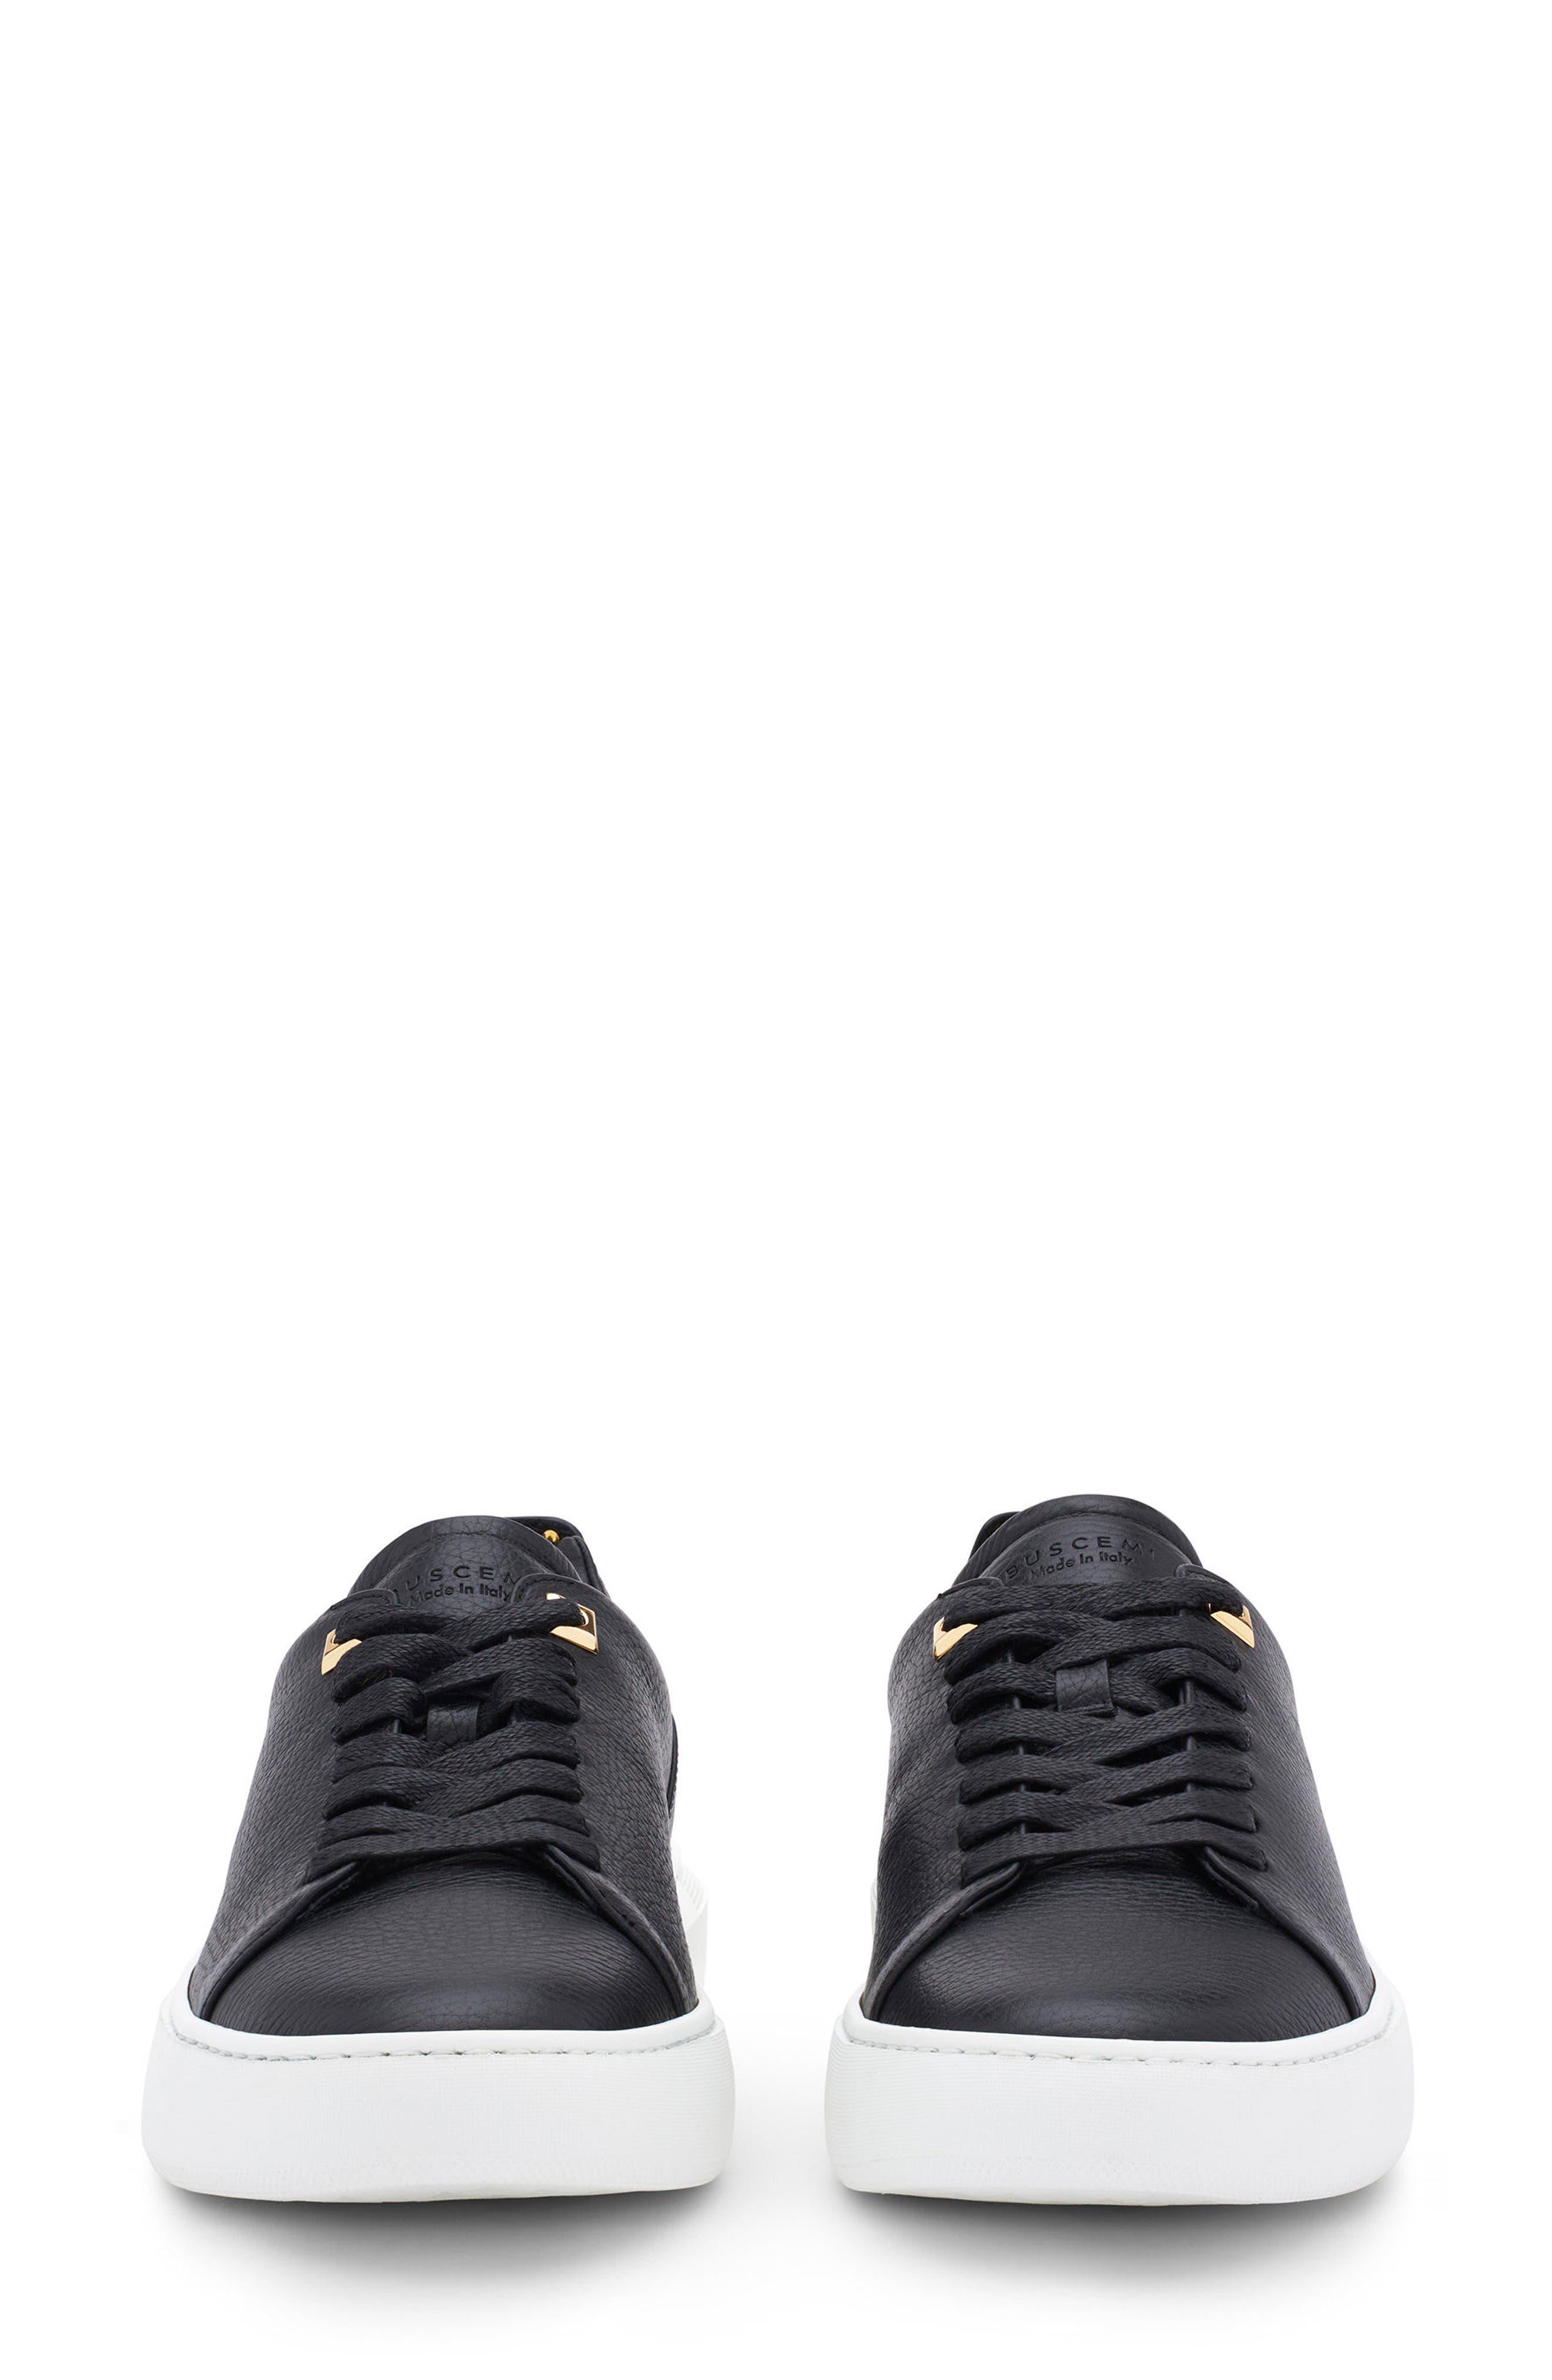 Alternate Image 3  - Buscemi Uno Low Top Sneaker (Women)